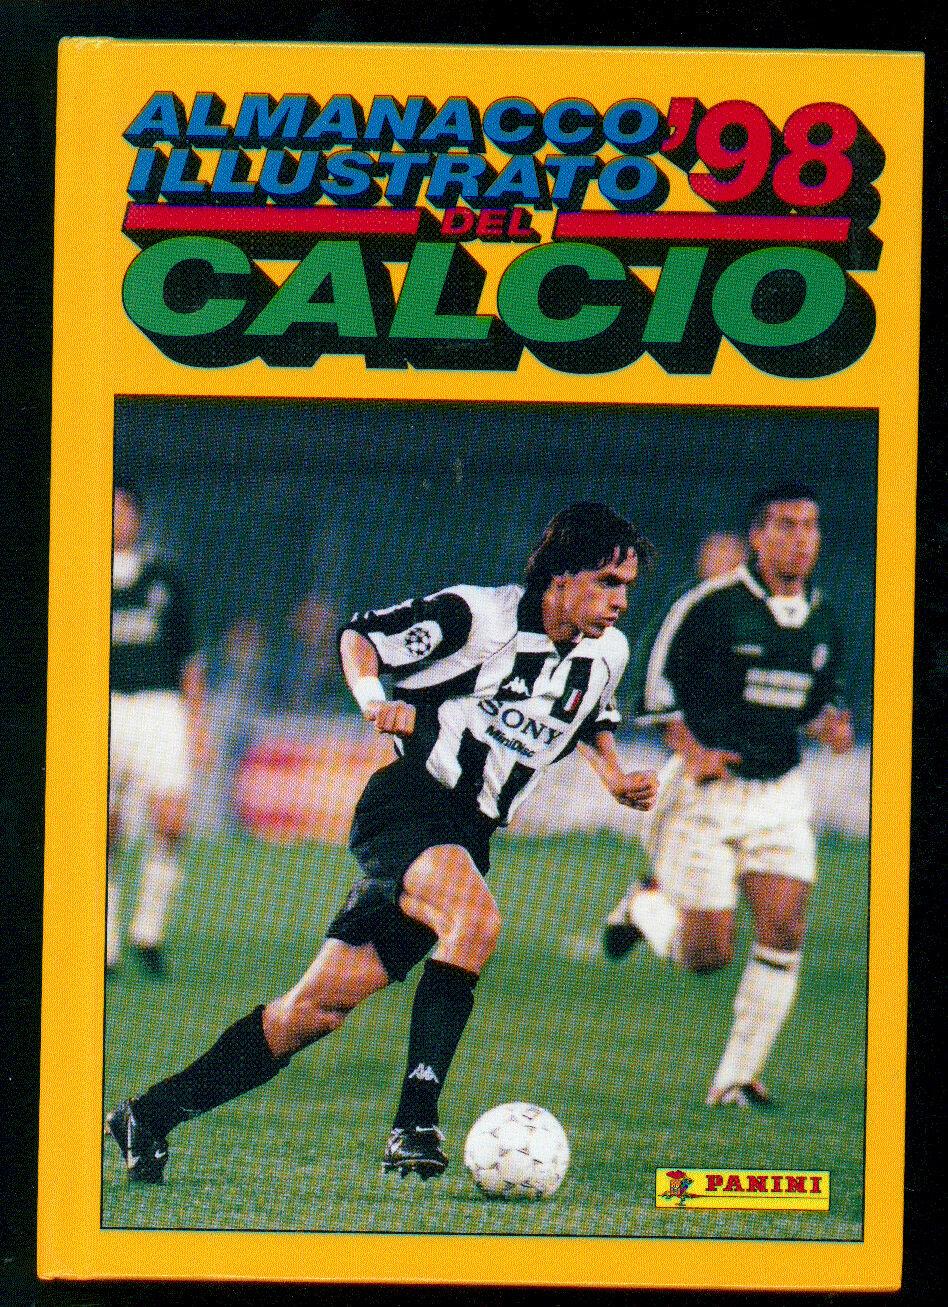 ALMANACCO ILLUSTRATO DEL CALCIO 1998 PANINI SPORT